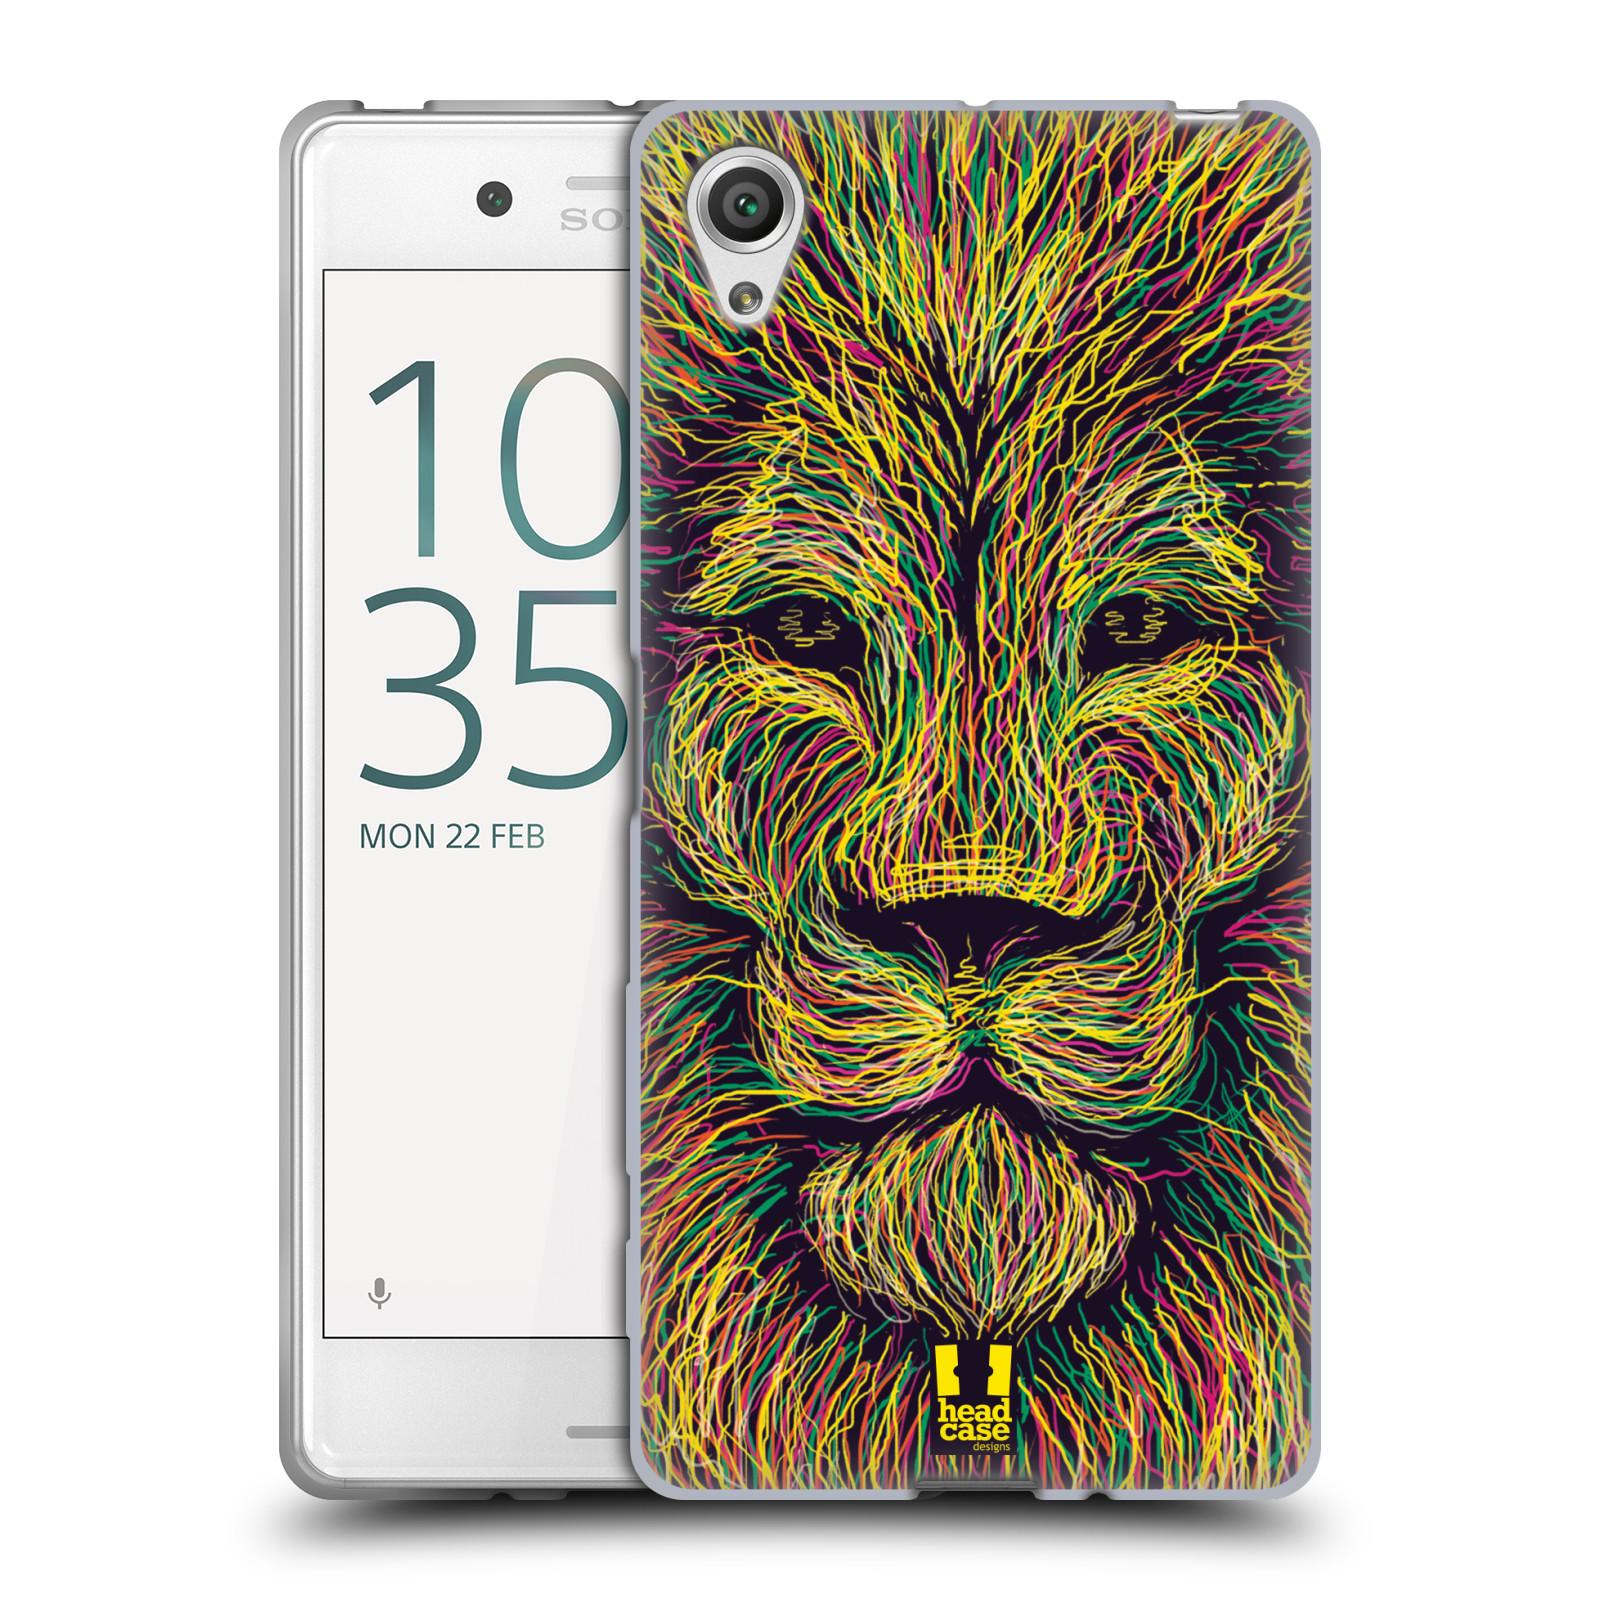 HEAD CASE silikonový obal na mobil Sony Xperia X / X DUAL vzor zvíře čmáranice lev